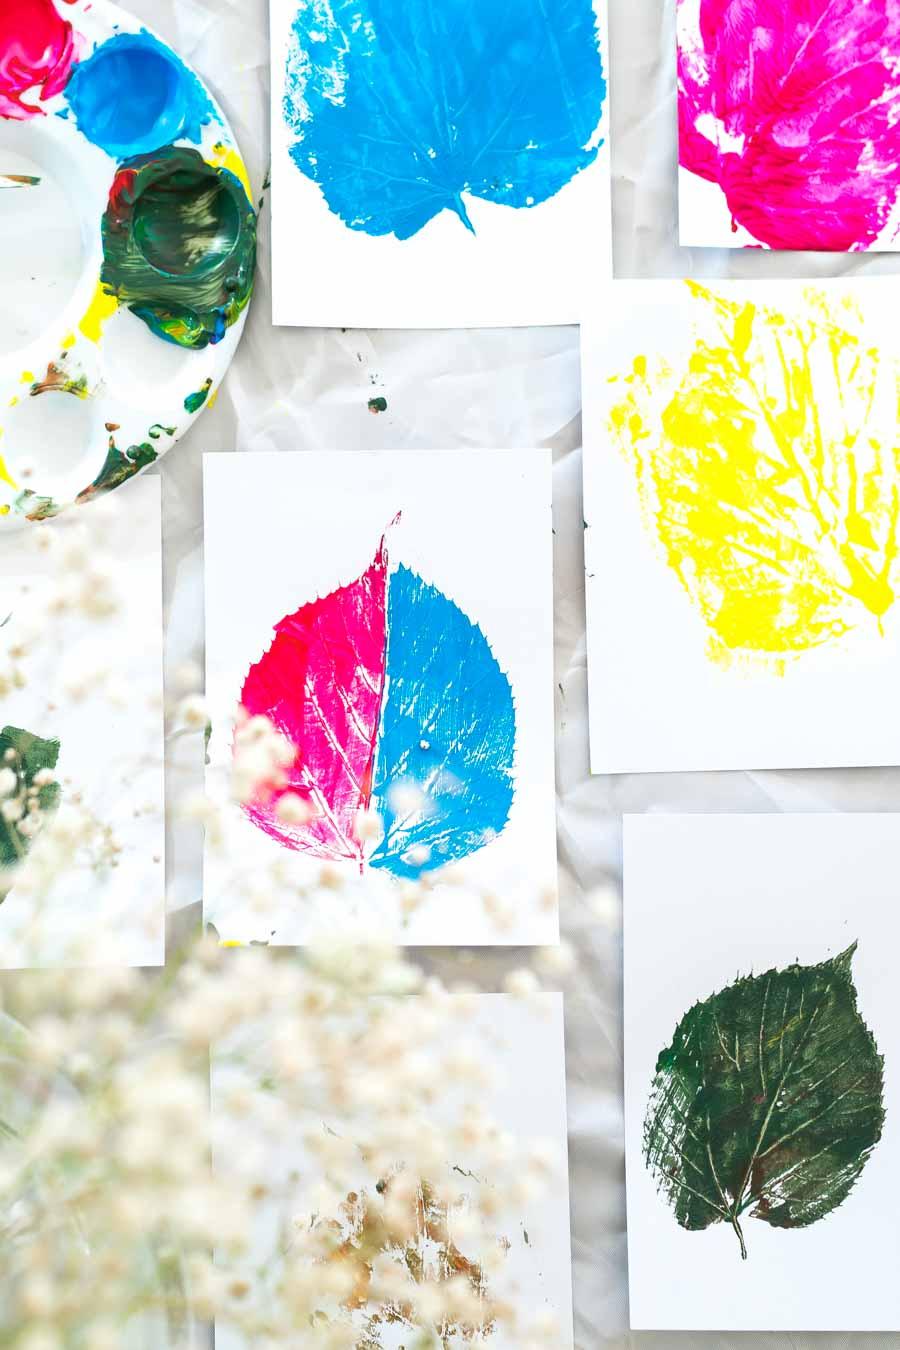 Bastelideen Herbst: Blätter bemalen mit Kindern. Eine Anleitung für Eltern: Welche Farben, was brauche ich? Wir zeigen wie wir gepresste Blätter mit Acrylfarbe bemalen. Herbstbasteln mit Kindern, in der Kita, Kindergarten und zu Hause. Basteln mit Kindern, Basteln Herbst, Kleinkinder, Steine bemalen, Basteln mit Naturmaterialien #basteln #herbst #bastelideen #herbstbasteln #kleinkinder #spielideen #herbstblätter #blätterabdruck #blätterpostkarten